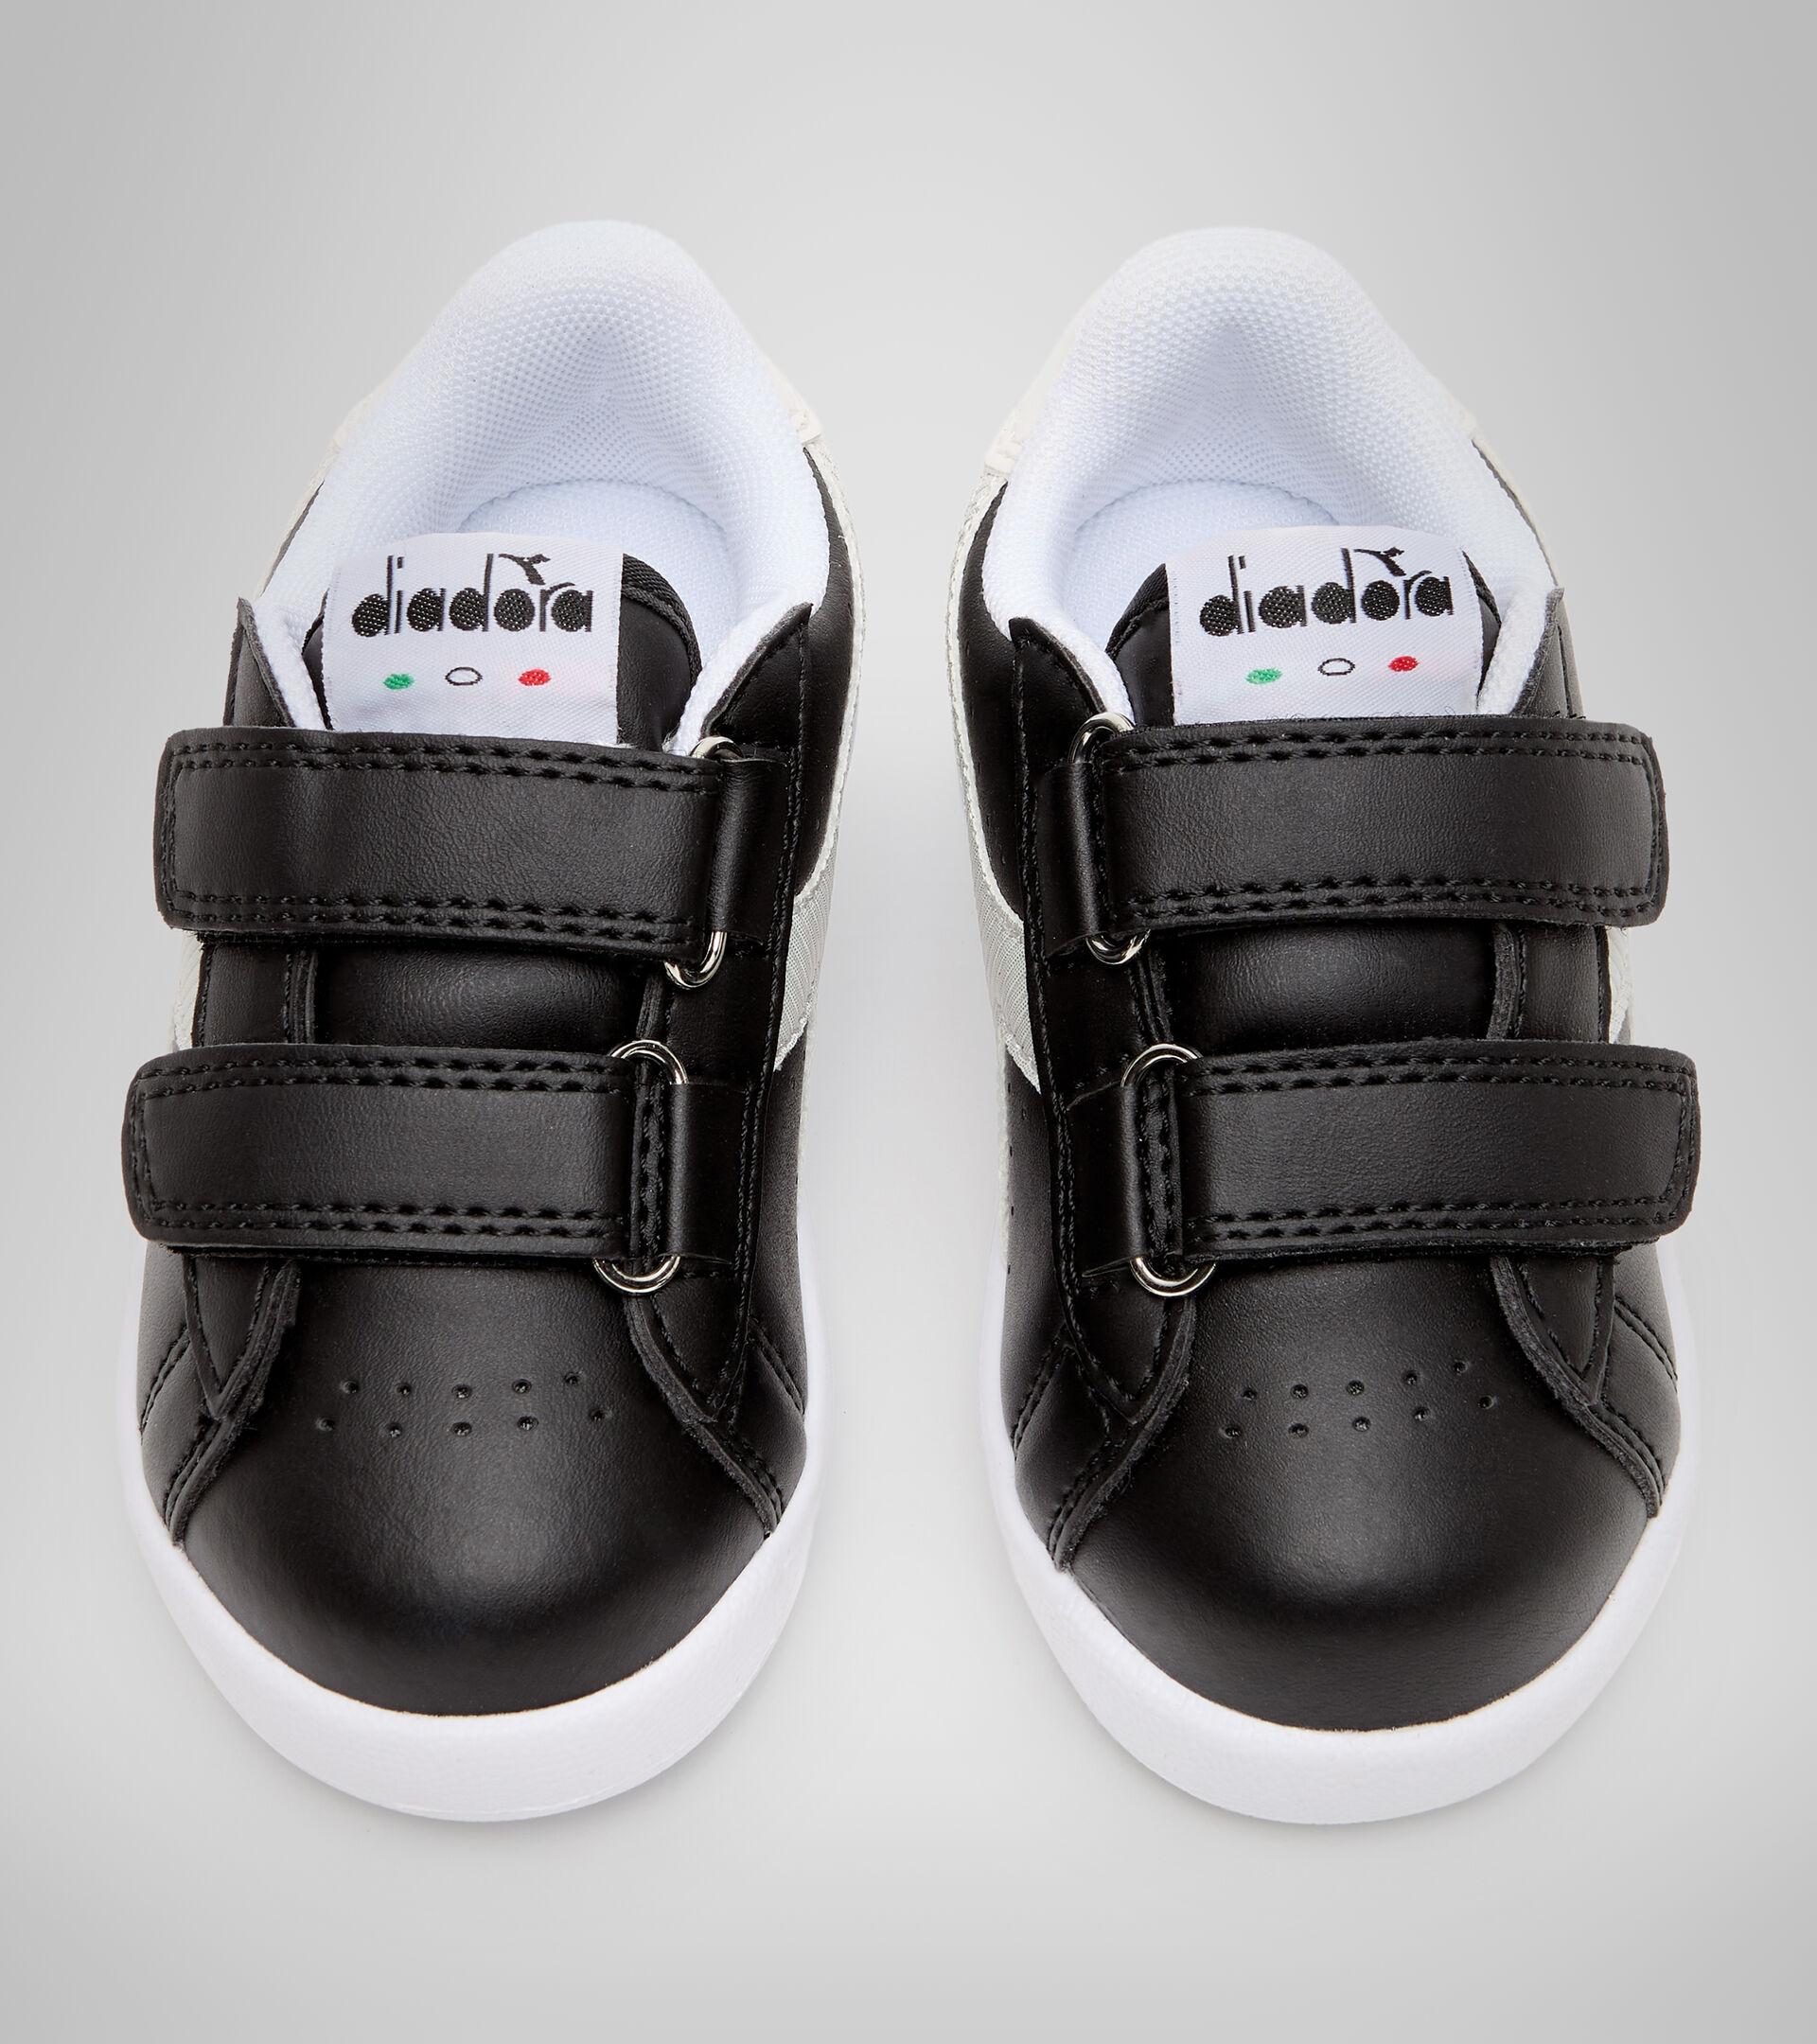 Zapatilla deportiva - Niños pequeños 1-4 años GAME P TD GIRL NEGRO/BLANCO - Diadora